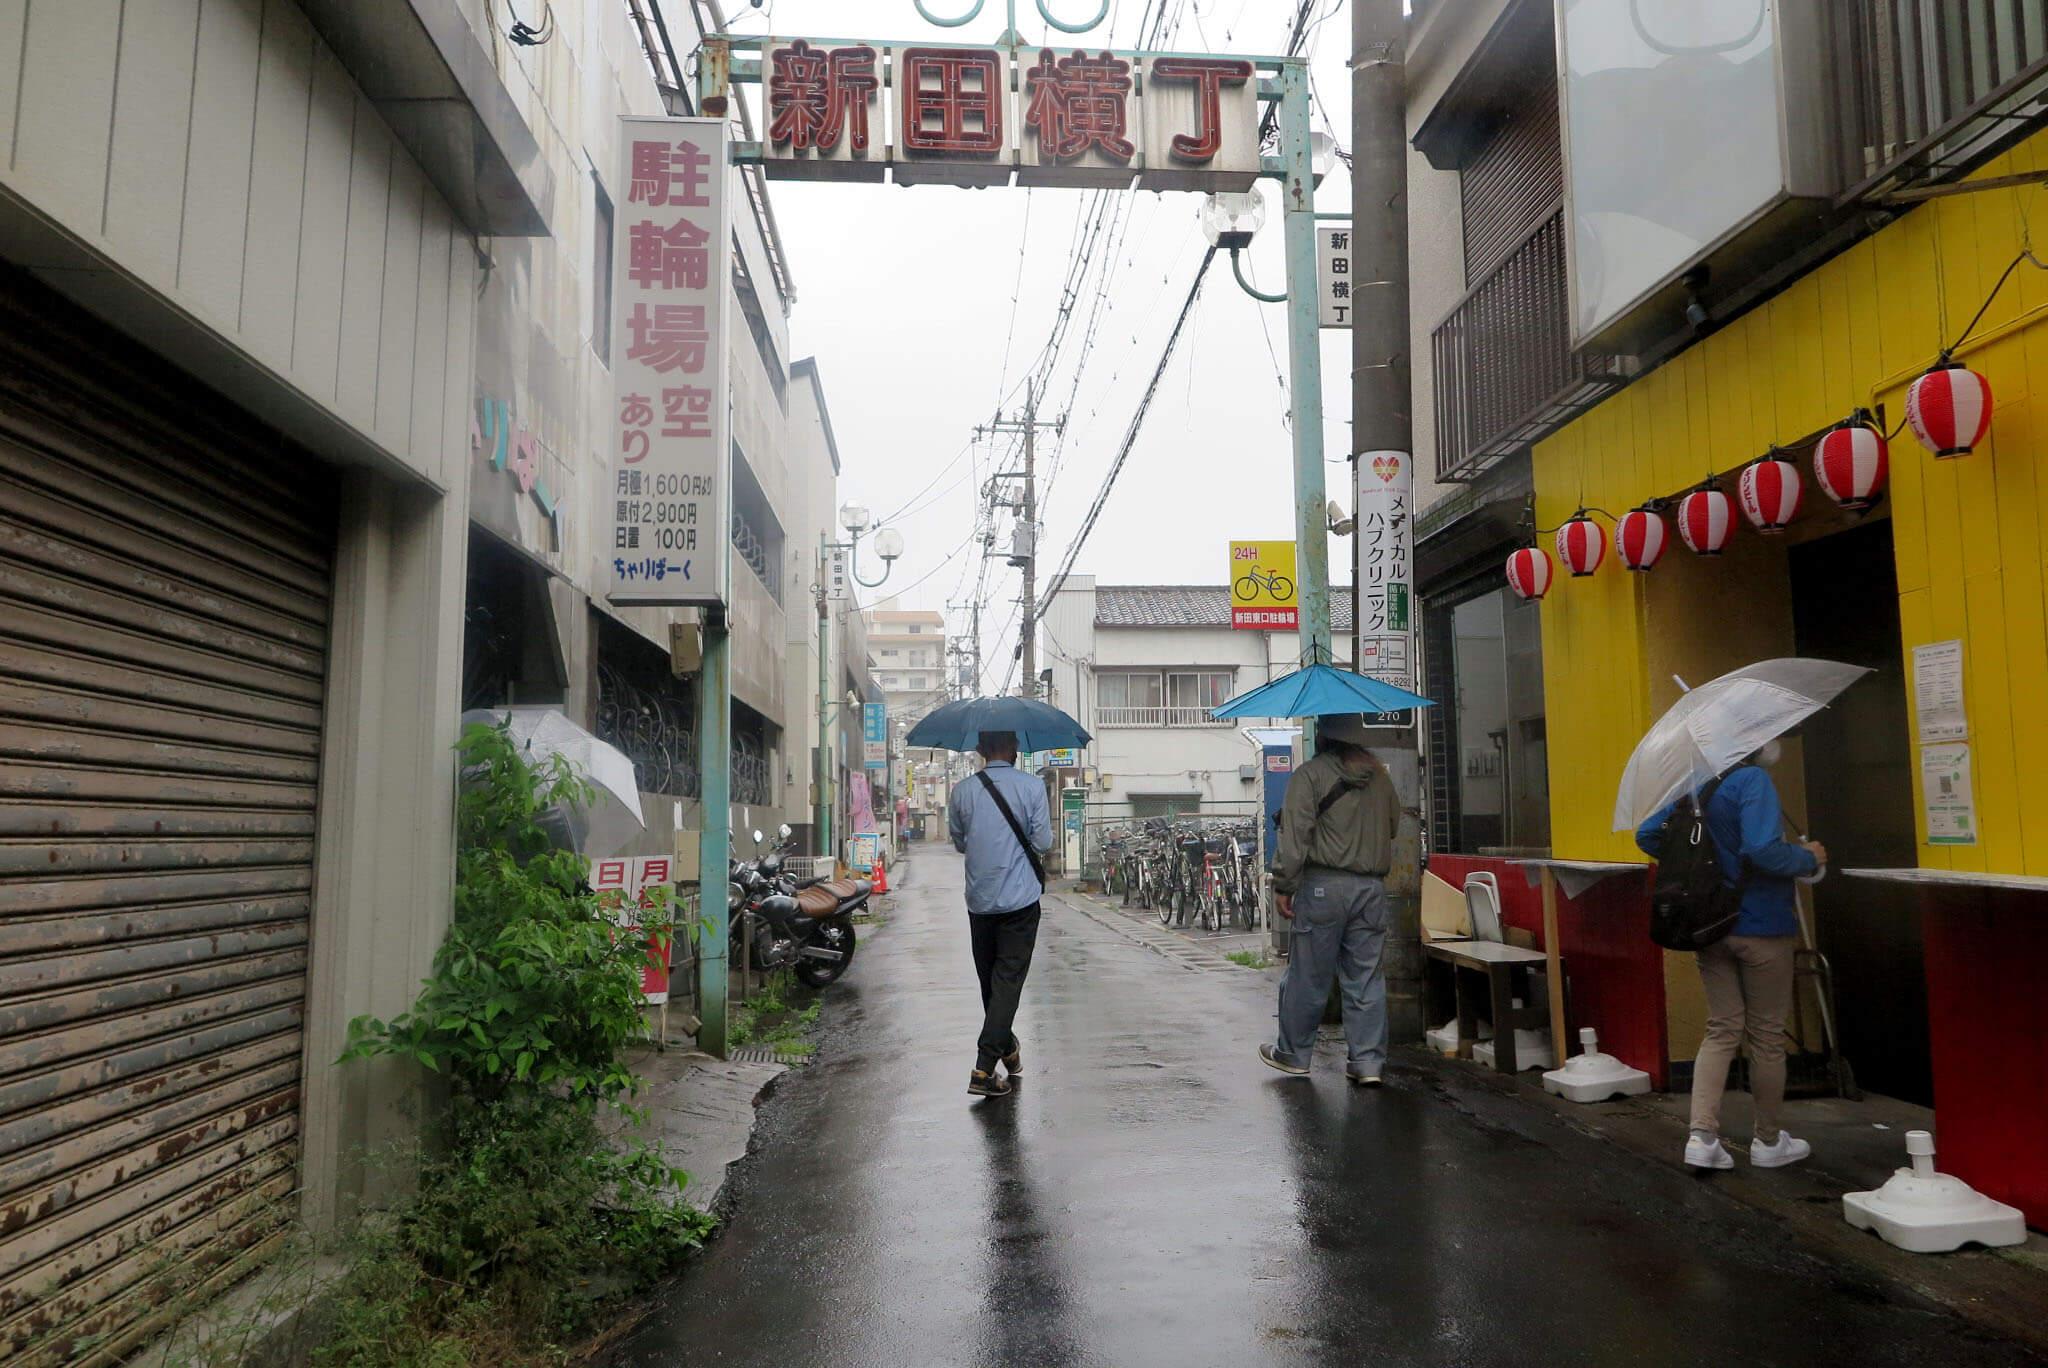 ローカルWEBメディア・地域サイト 草加ローカルストーリー 草加カメラ部 新田レポート 新田横丁